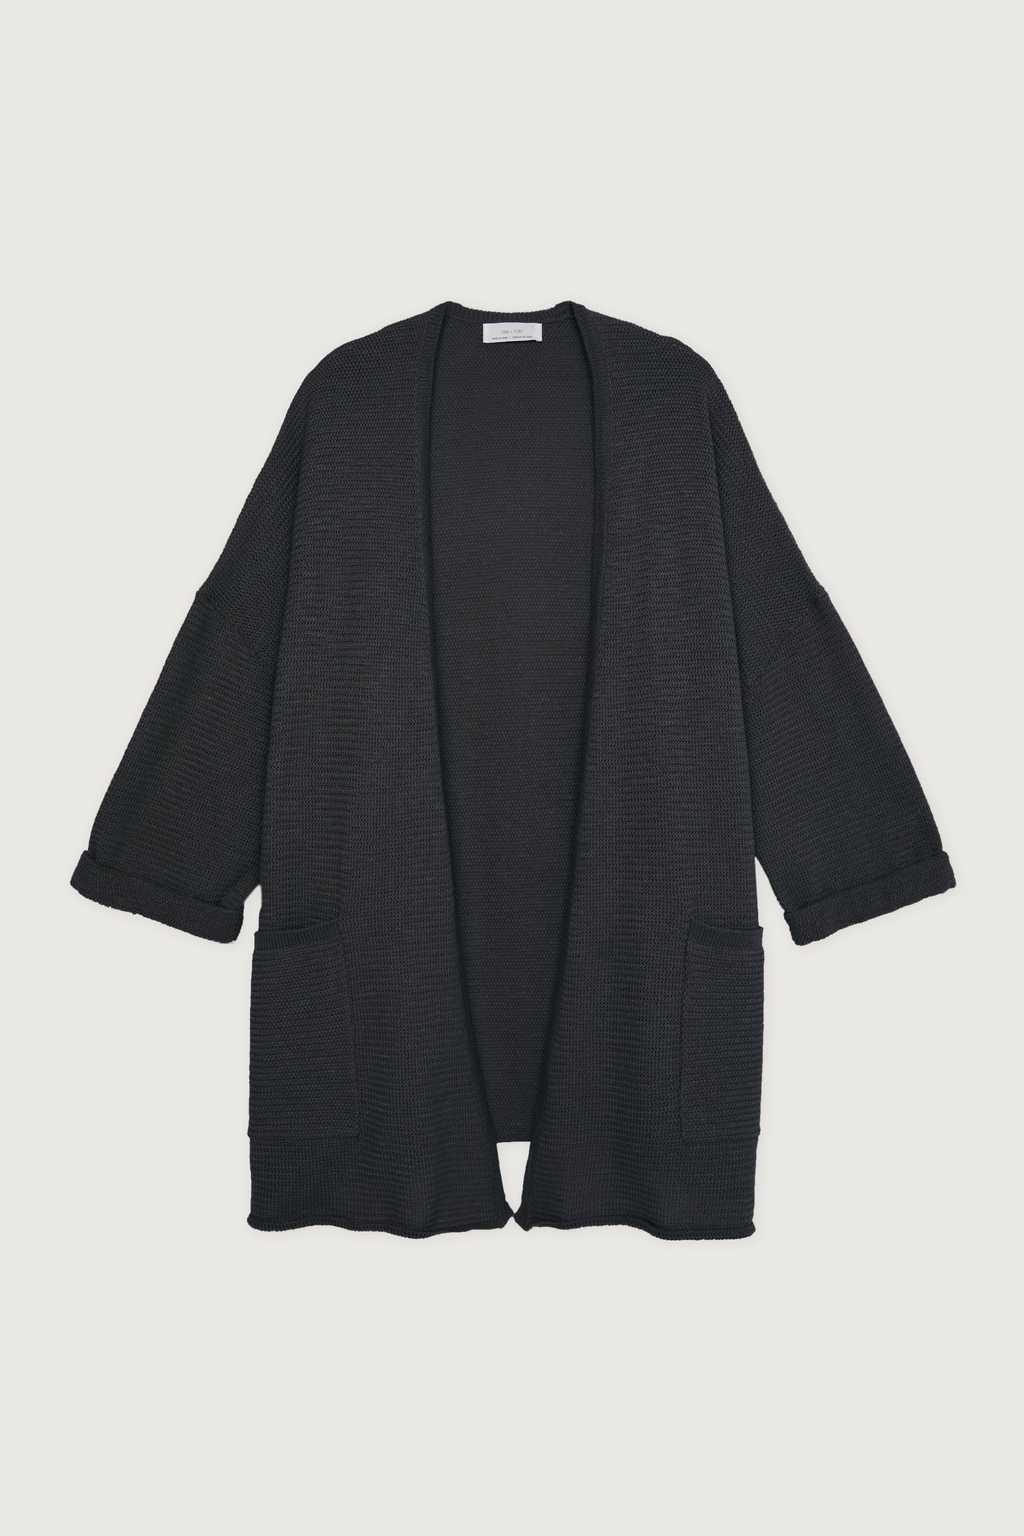 Cardigan 21542019 Navy 10